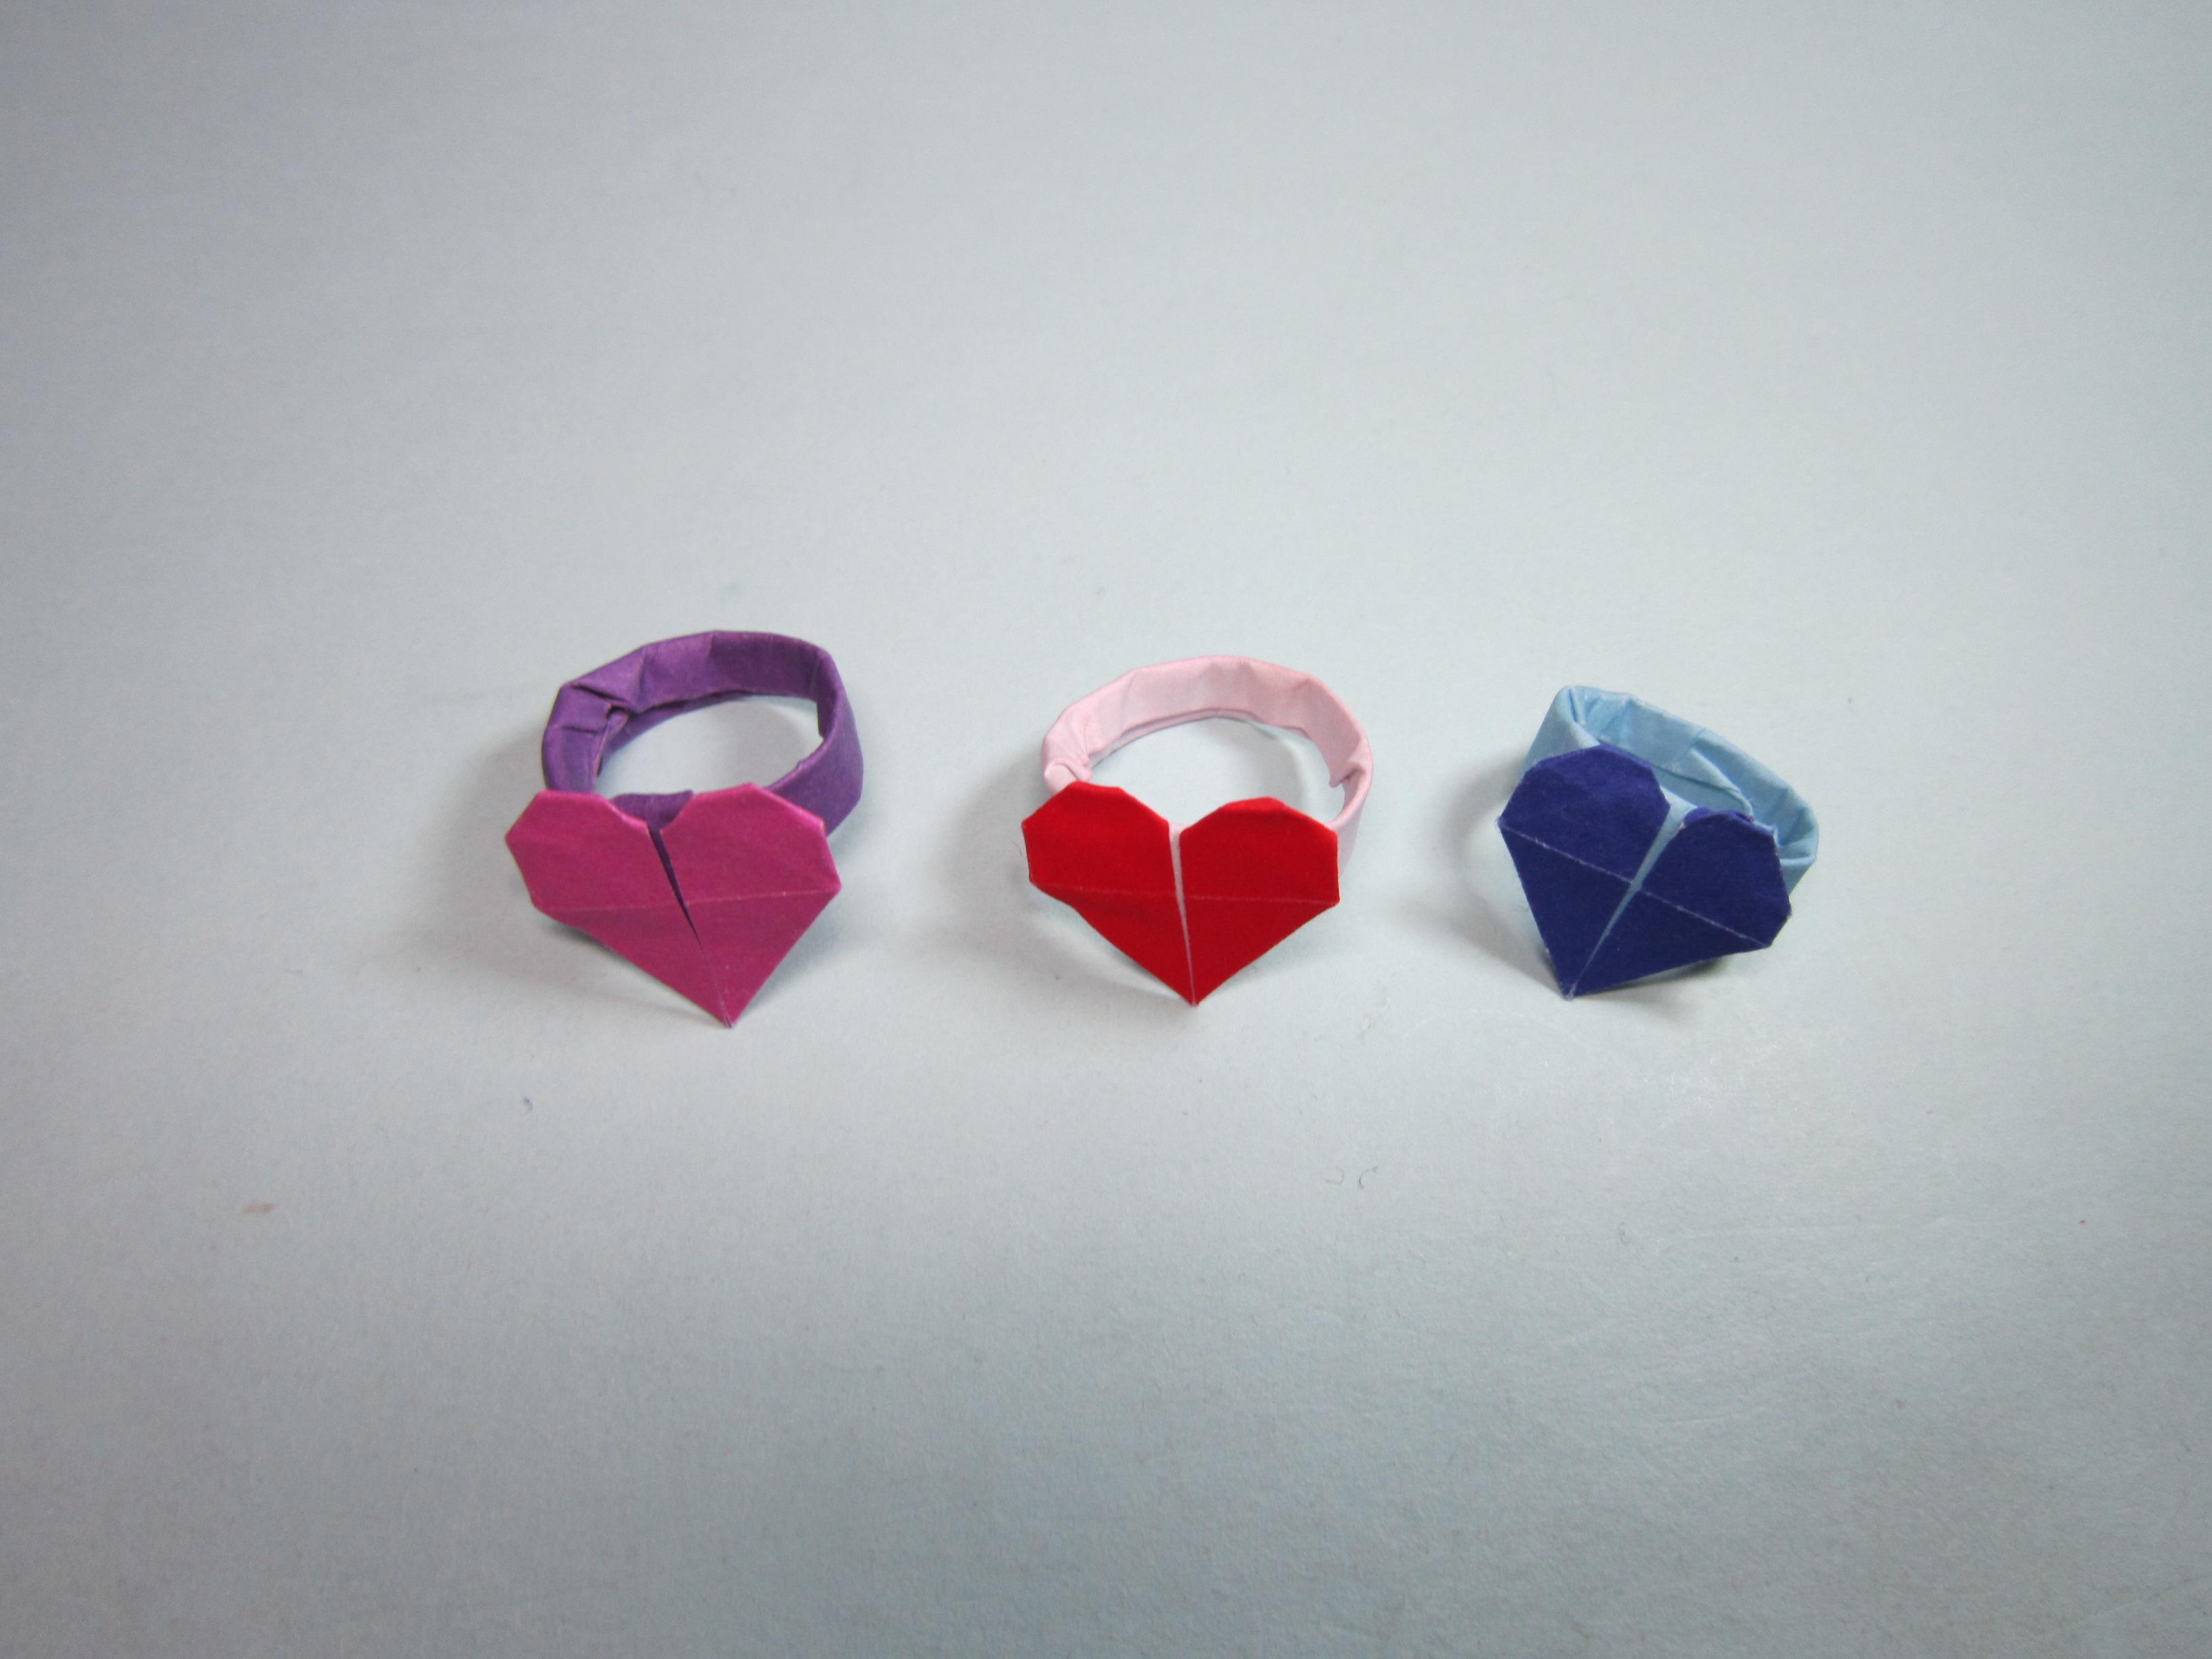 简单的手工折纸爱心戒指,用四分之一张纸就能折出漂亮的心形戒指-.